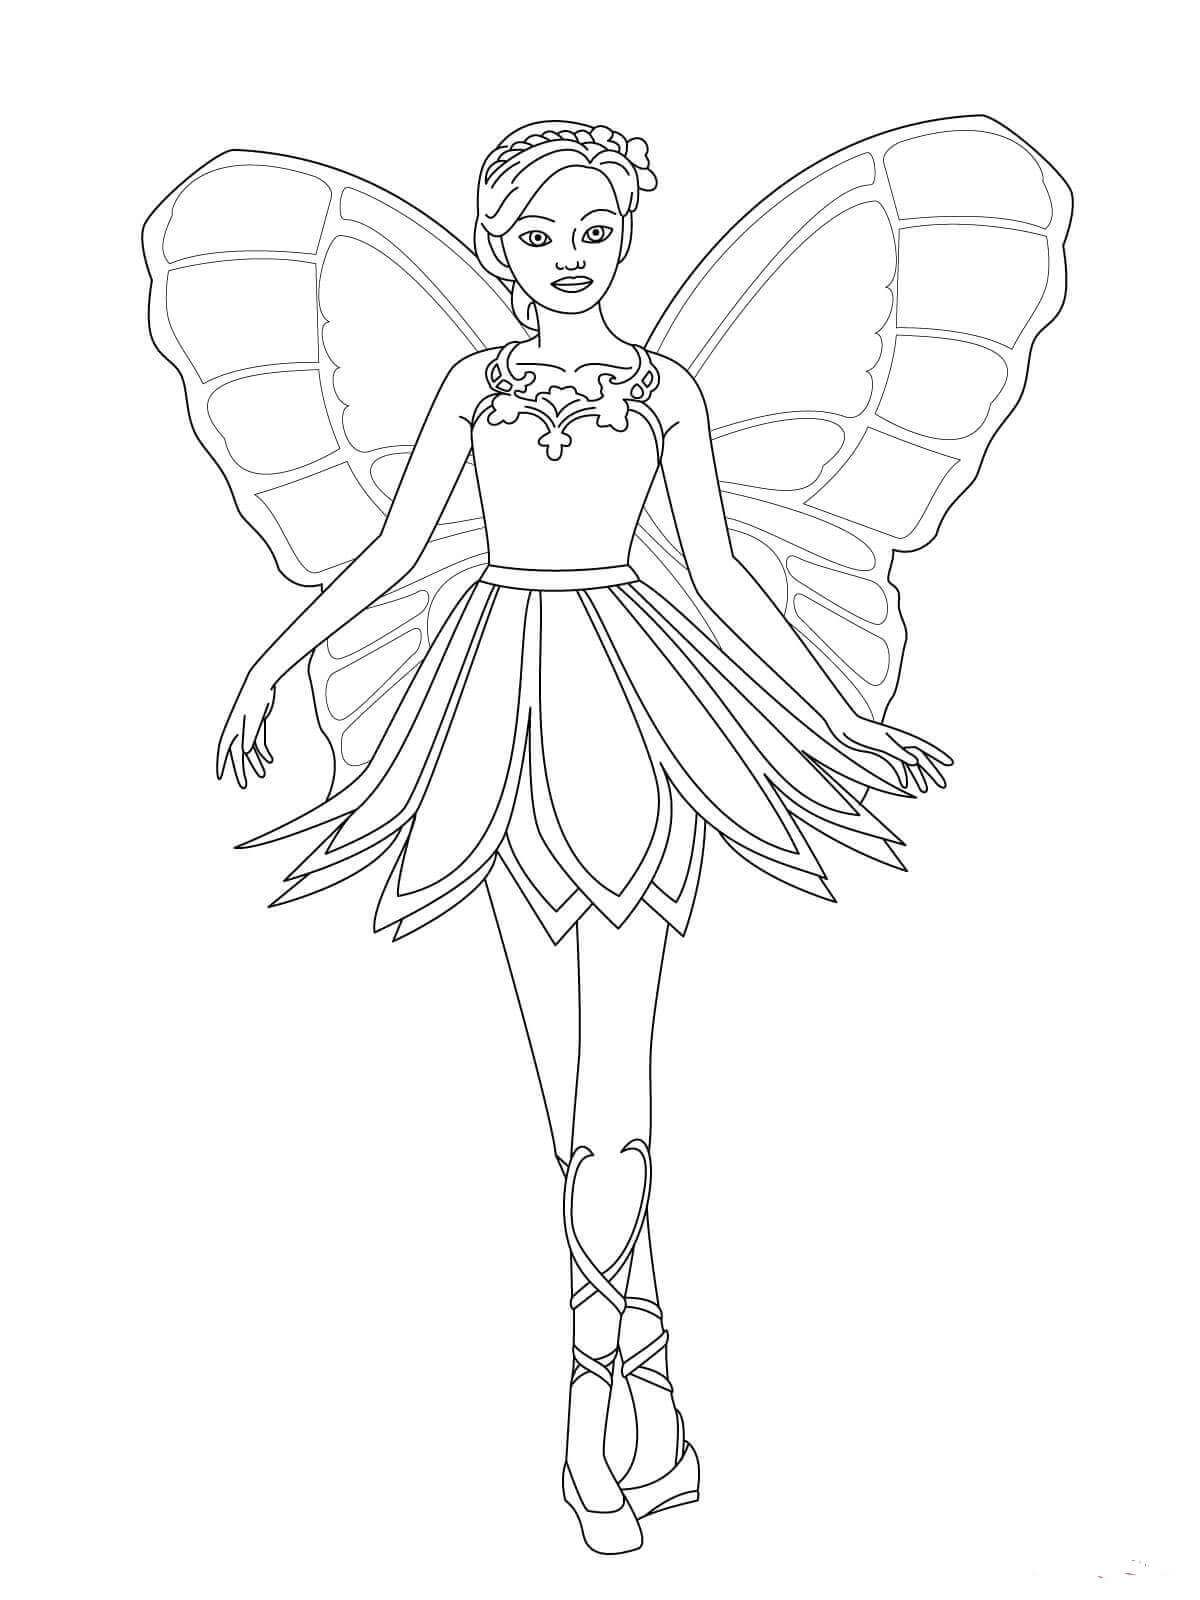 Barbie Mariposa Coloring Page Con Imagenes Dibujos Mariposas